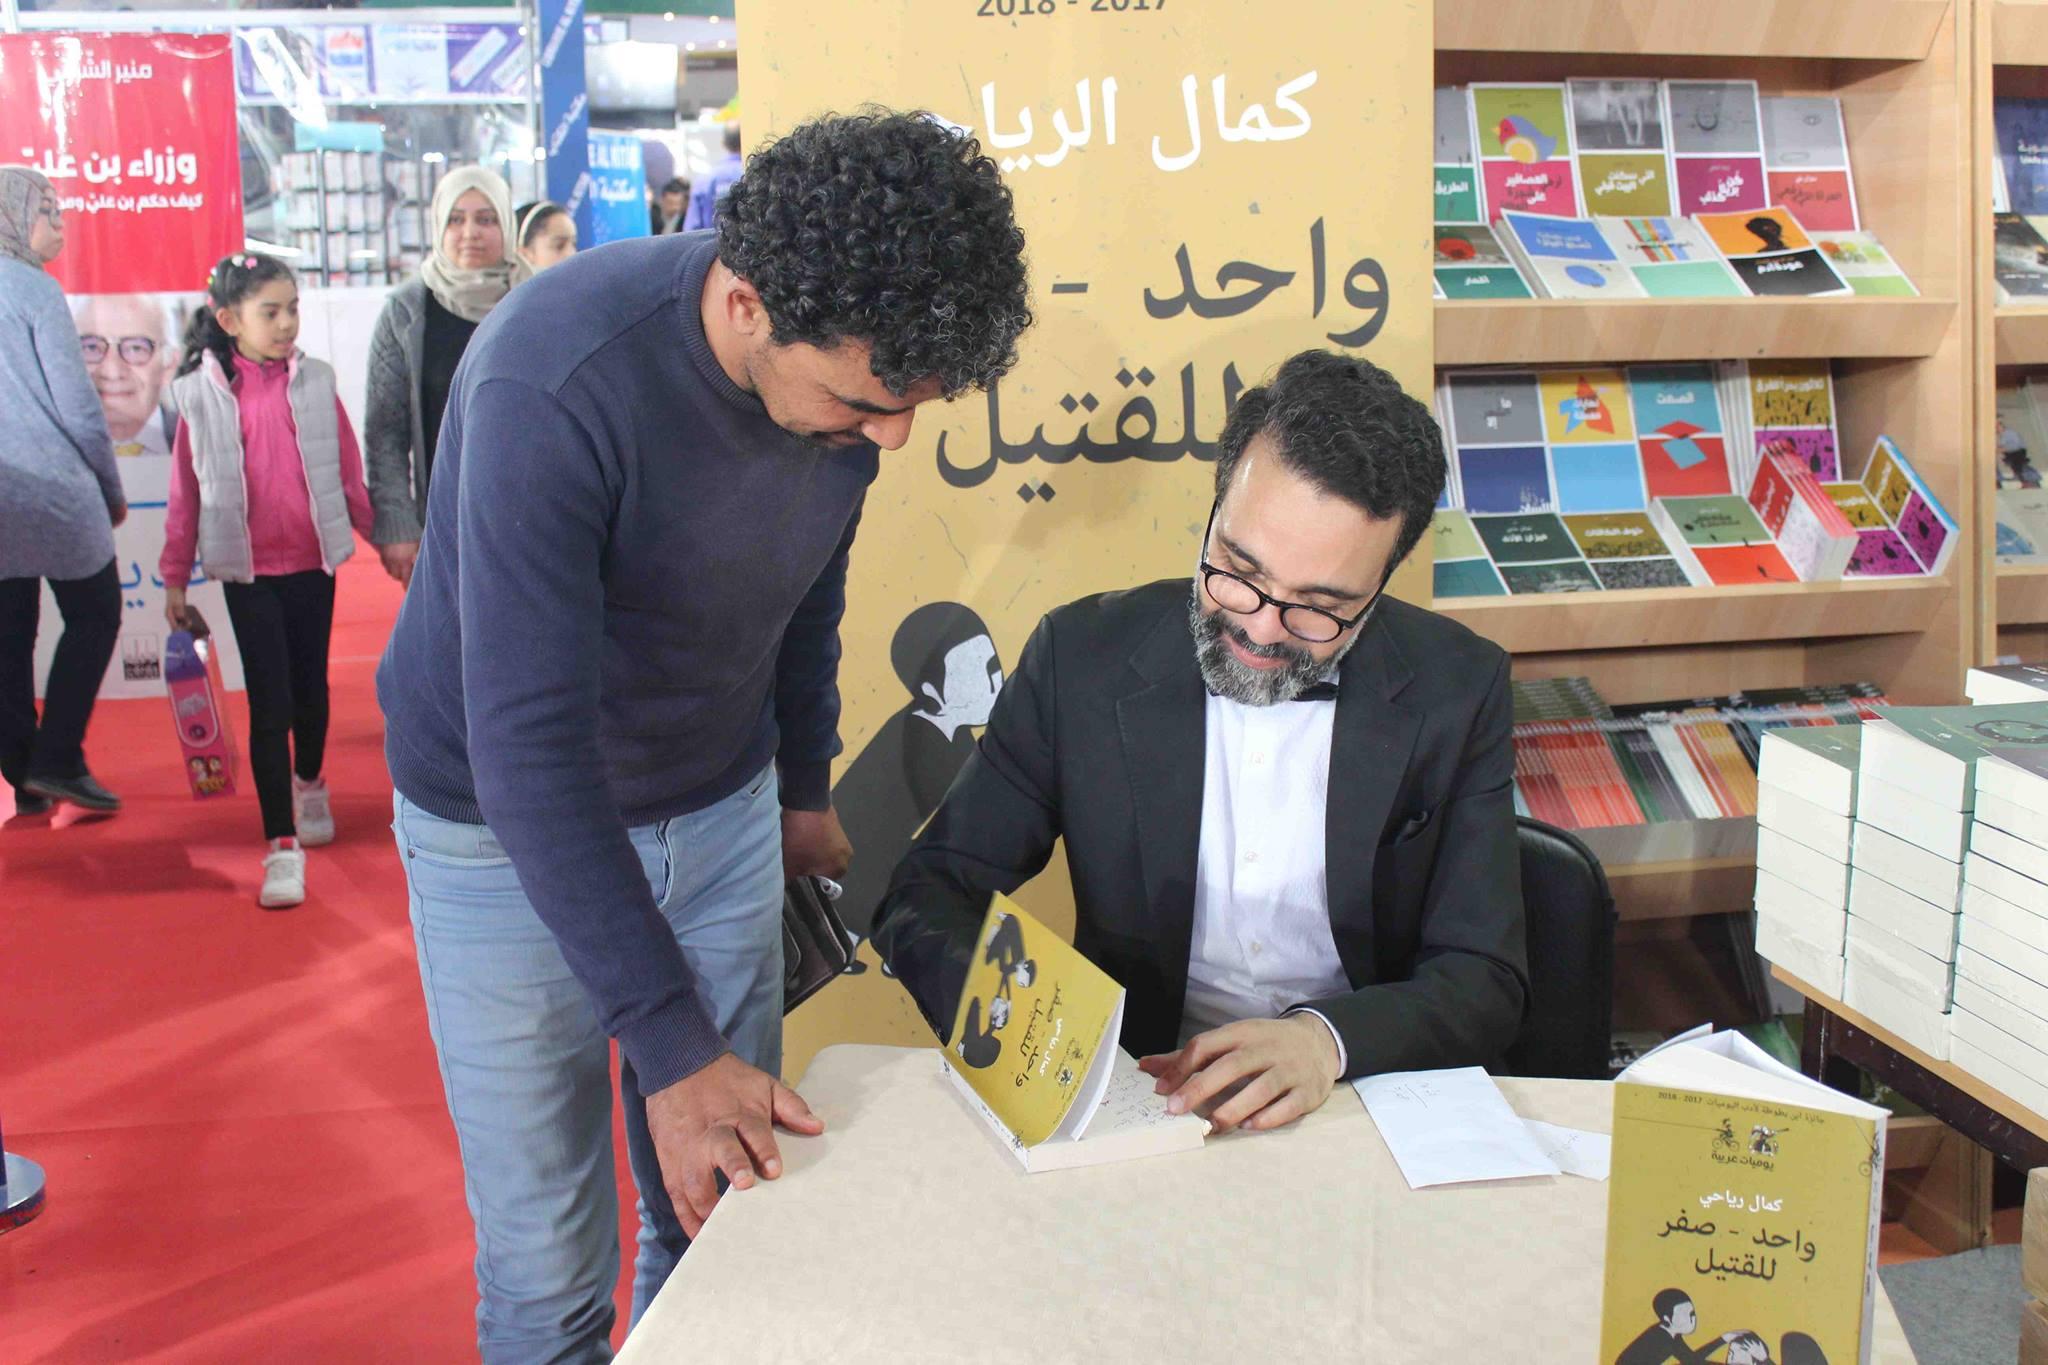 كمال الرياحى يوقع كتابه واحد صفر للقتيل الفائز بجائزة ابن بطوطة فى معرض تونس (21)